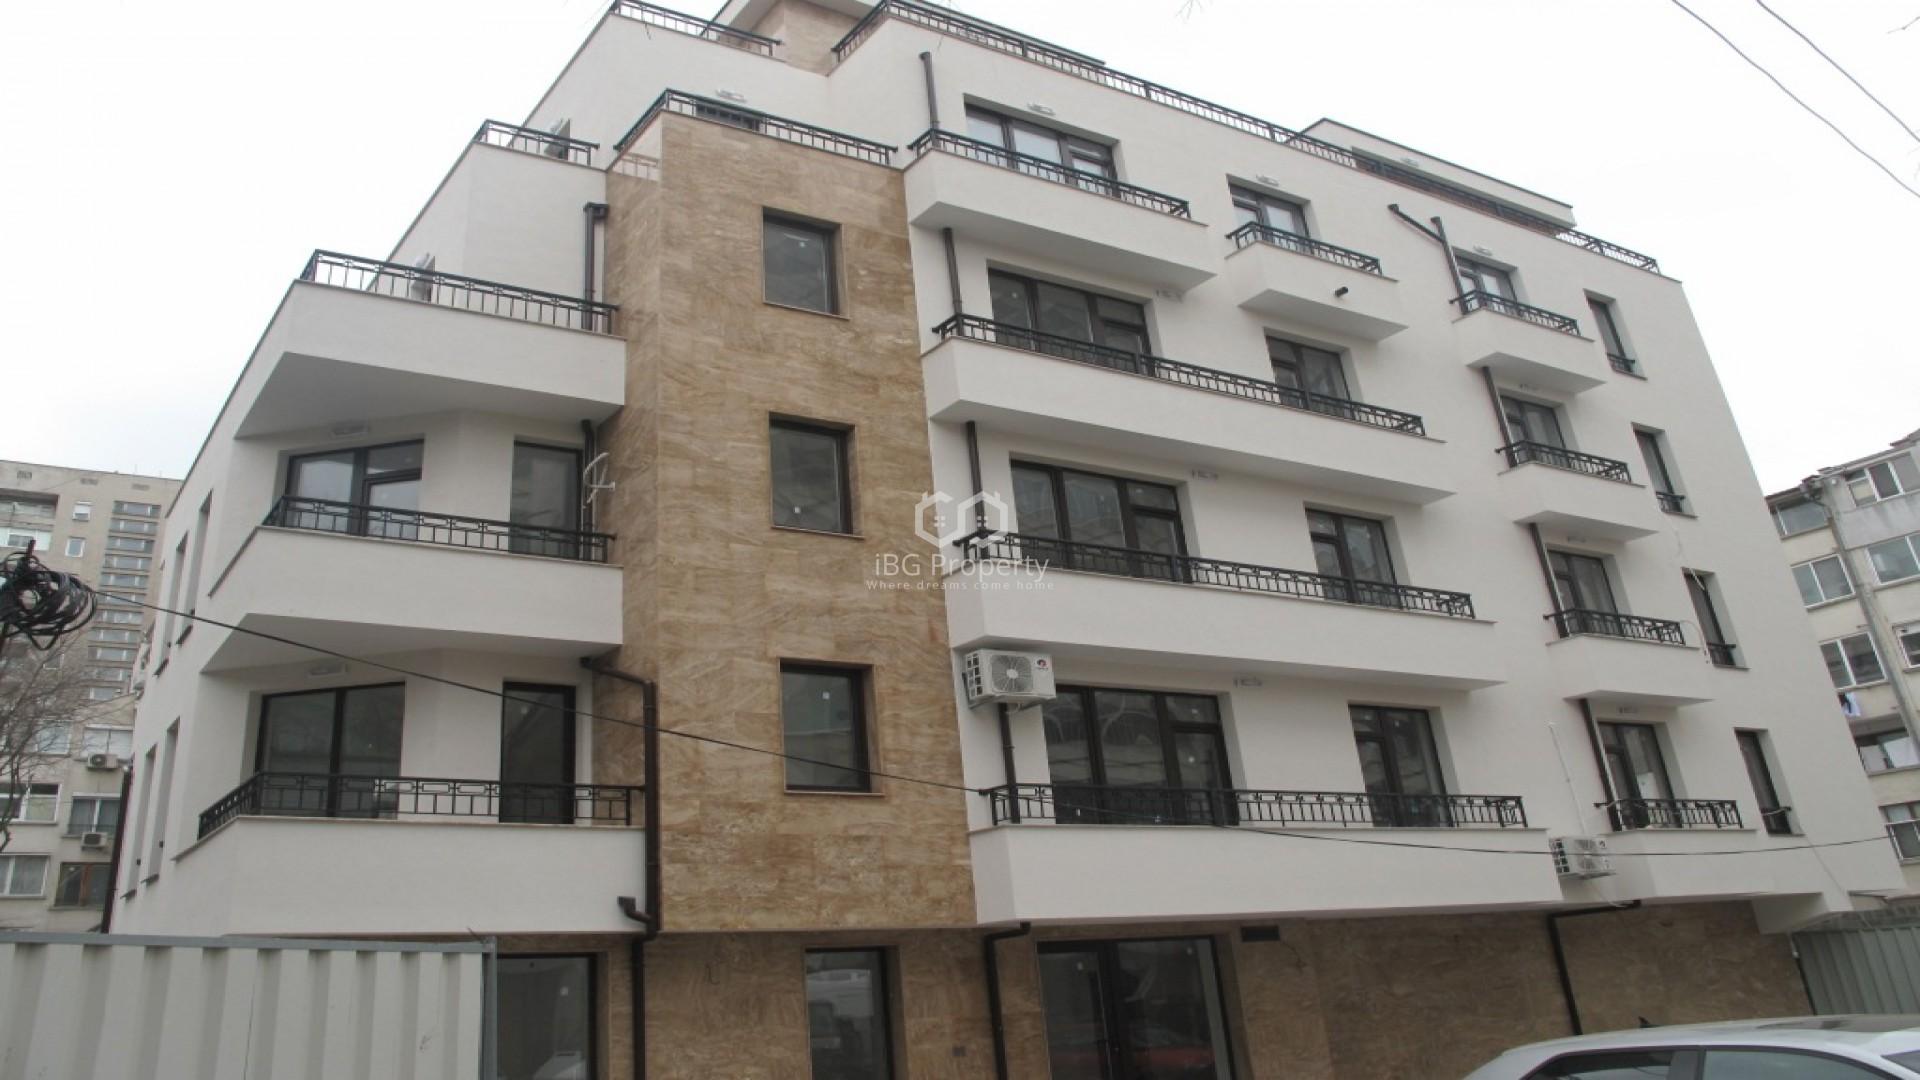 Dreizimmerwohnung im Zentrum von Burgas 107 m2